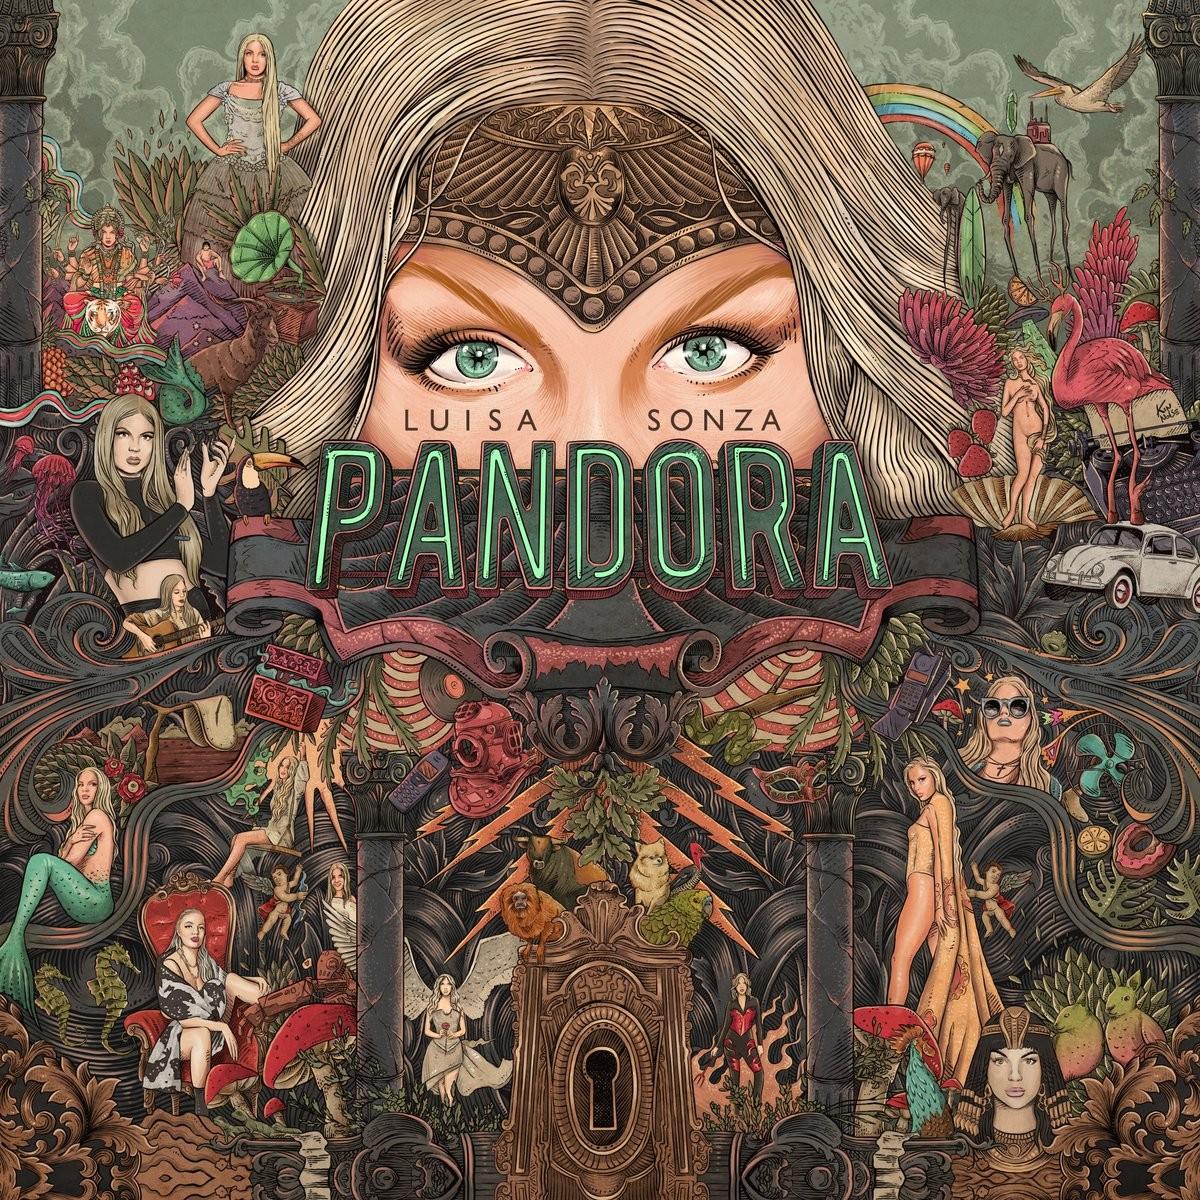 Luísa Sonza lança 'Pandora', seu 1º álbum, com pop sem maquiagem e inspirado no soul; G1 ouviu - Notícias - Plantão Diário